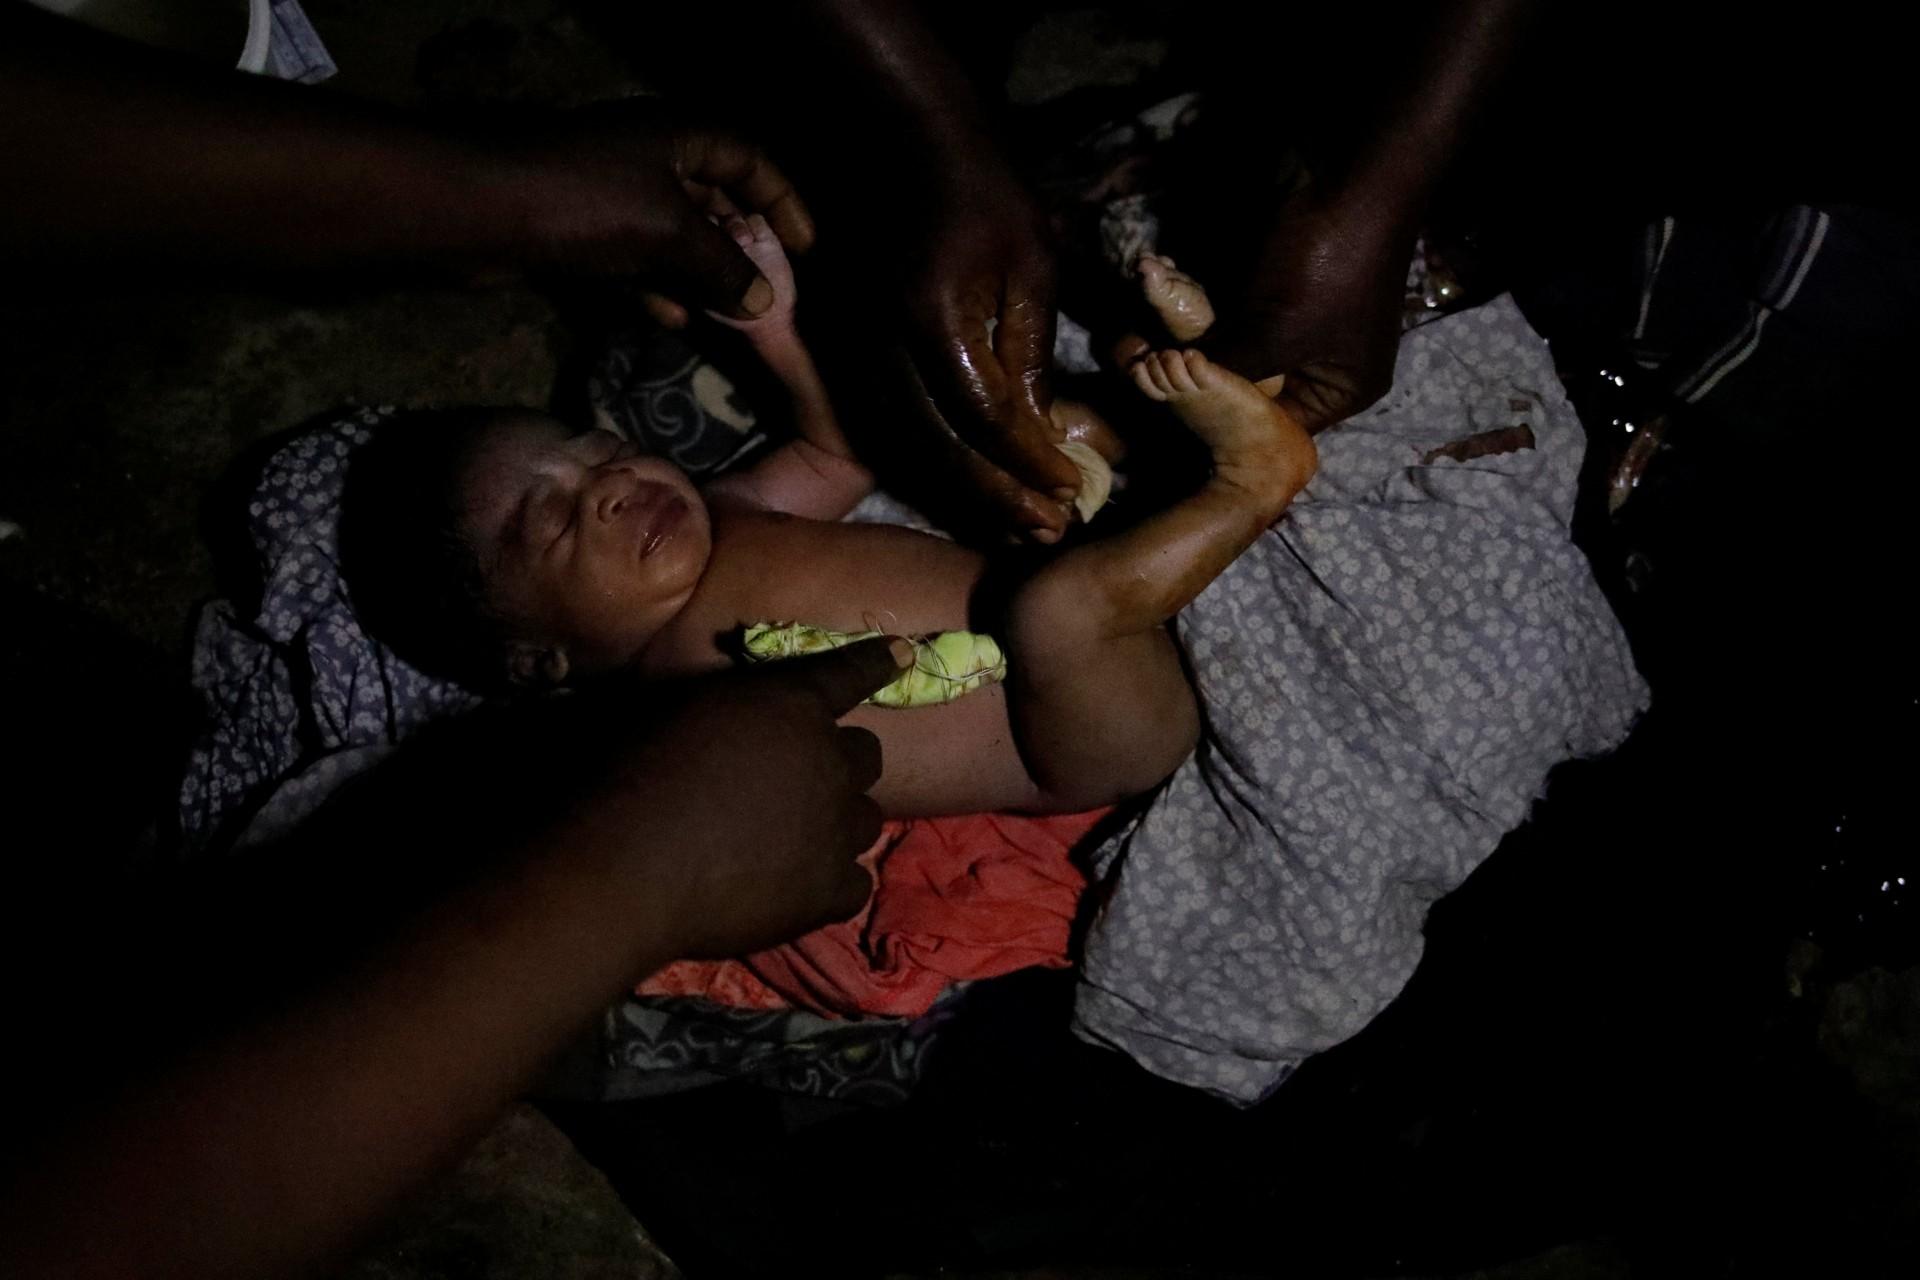 Una vecina y un familiar cuidan a la recién nacida Rebeca en su casa en Boucan Ferdinand, Haití, el 8 de octubre de 2018.